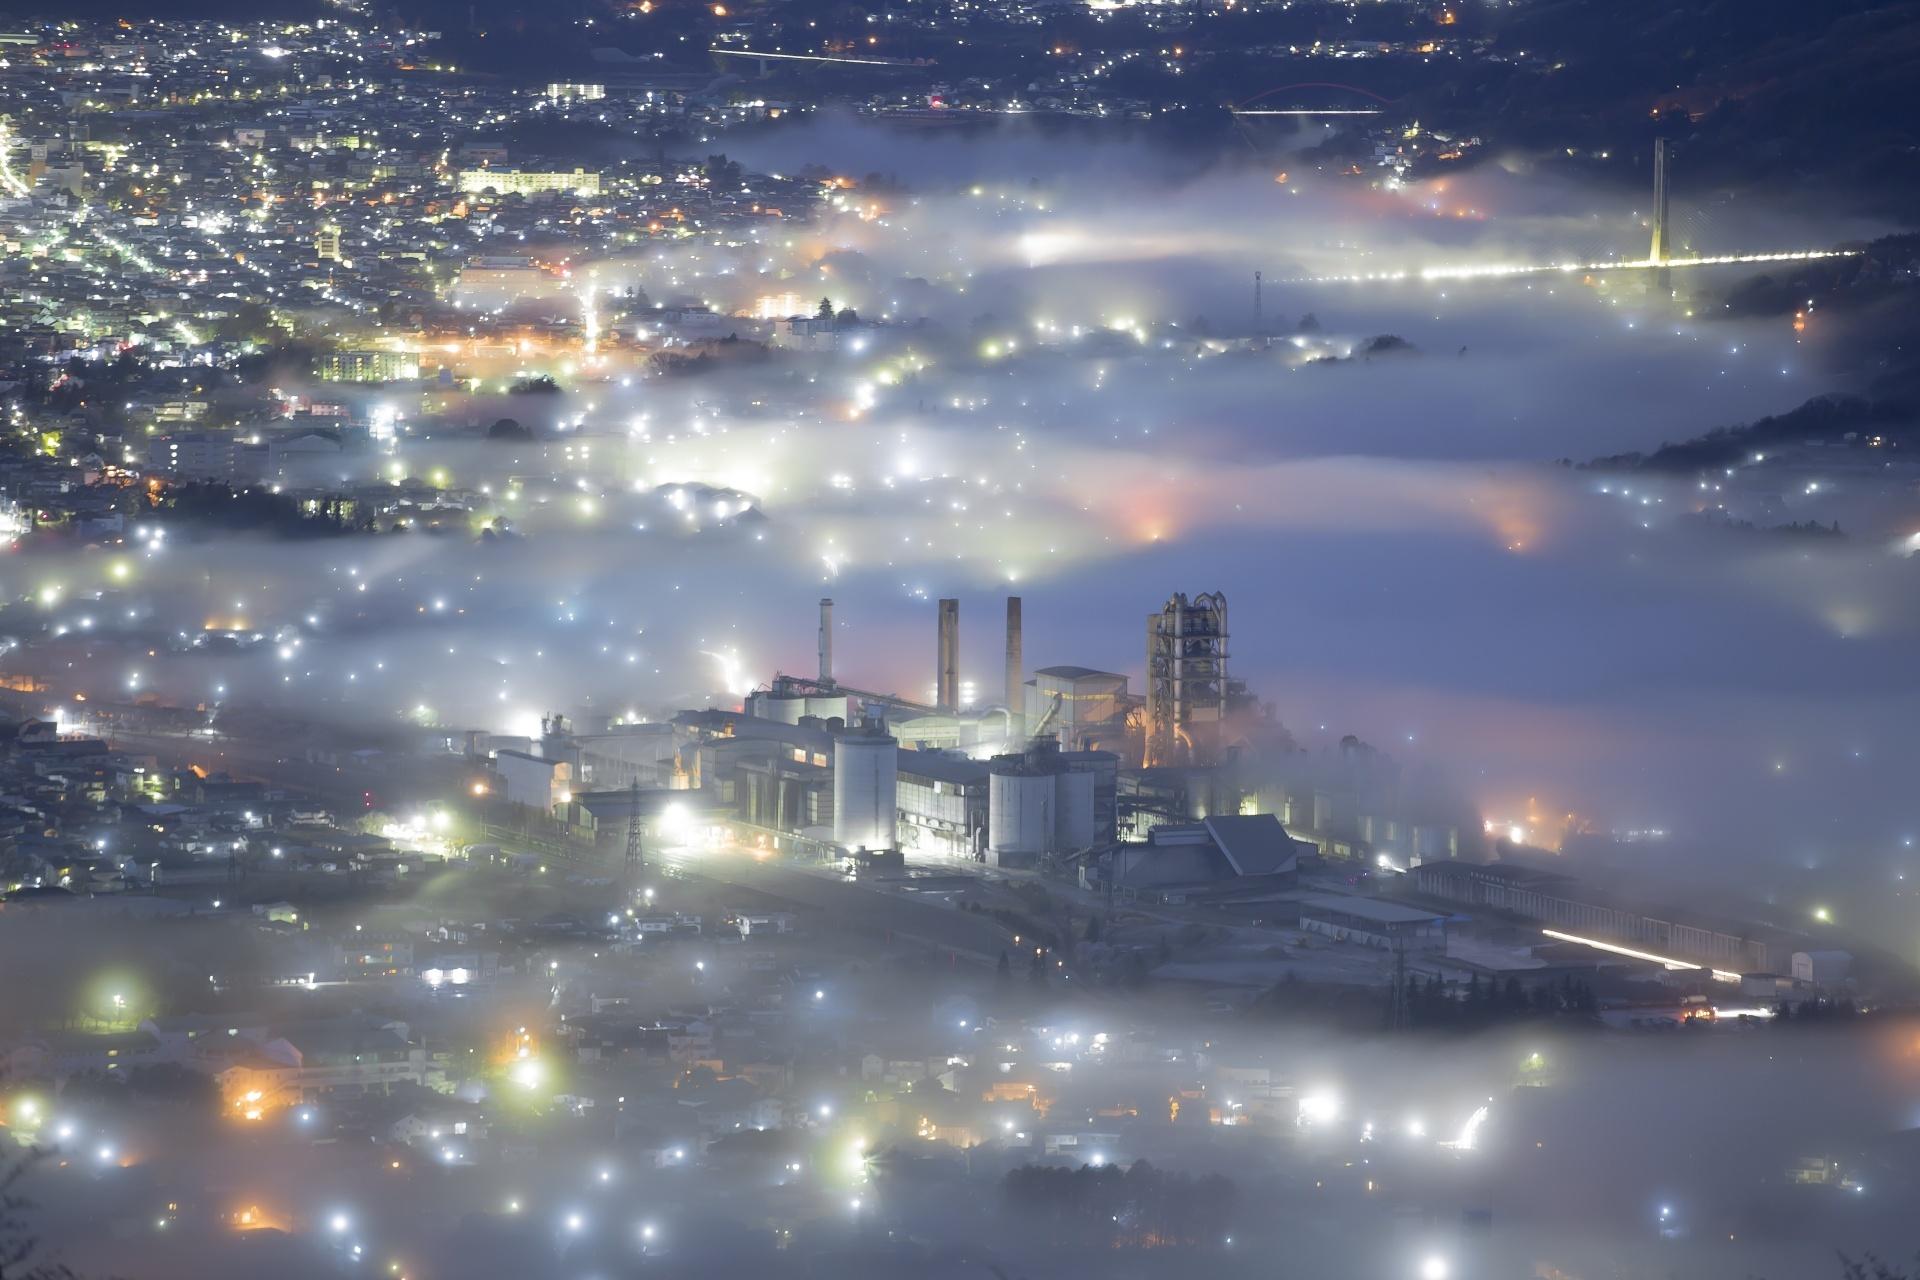 秩父の雲海 夜の雲海の風景 埼玉の風景